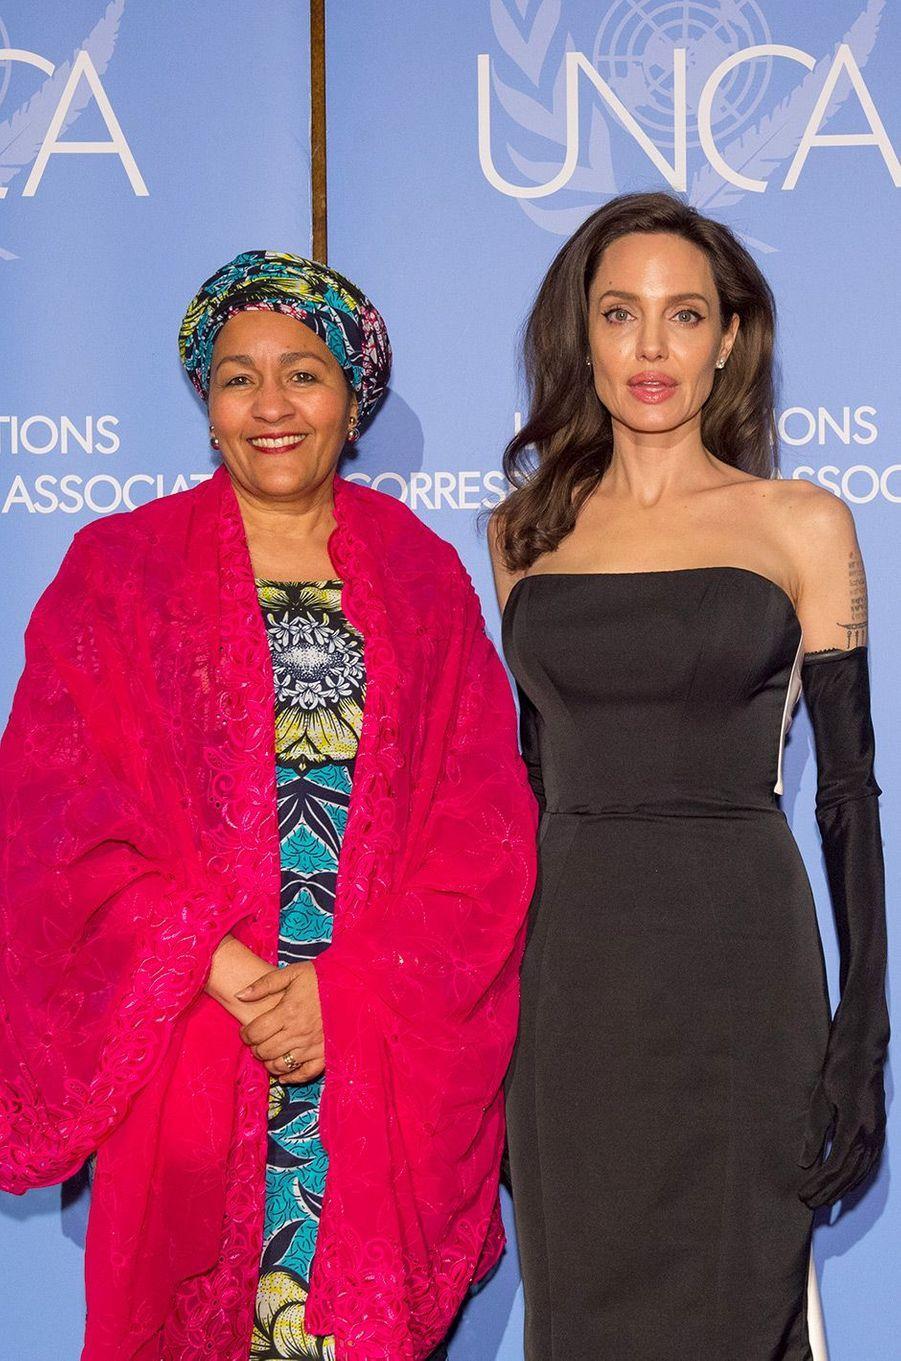 Angelina Jolie avec la vice-secrétaire générale des Nations Unies, Amina Mohammed (femme politique nigériane)